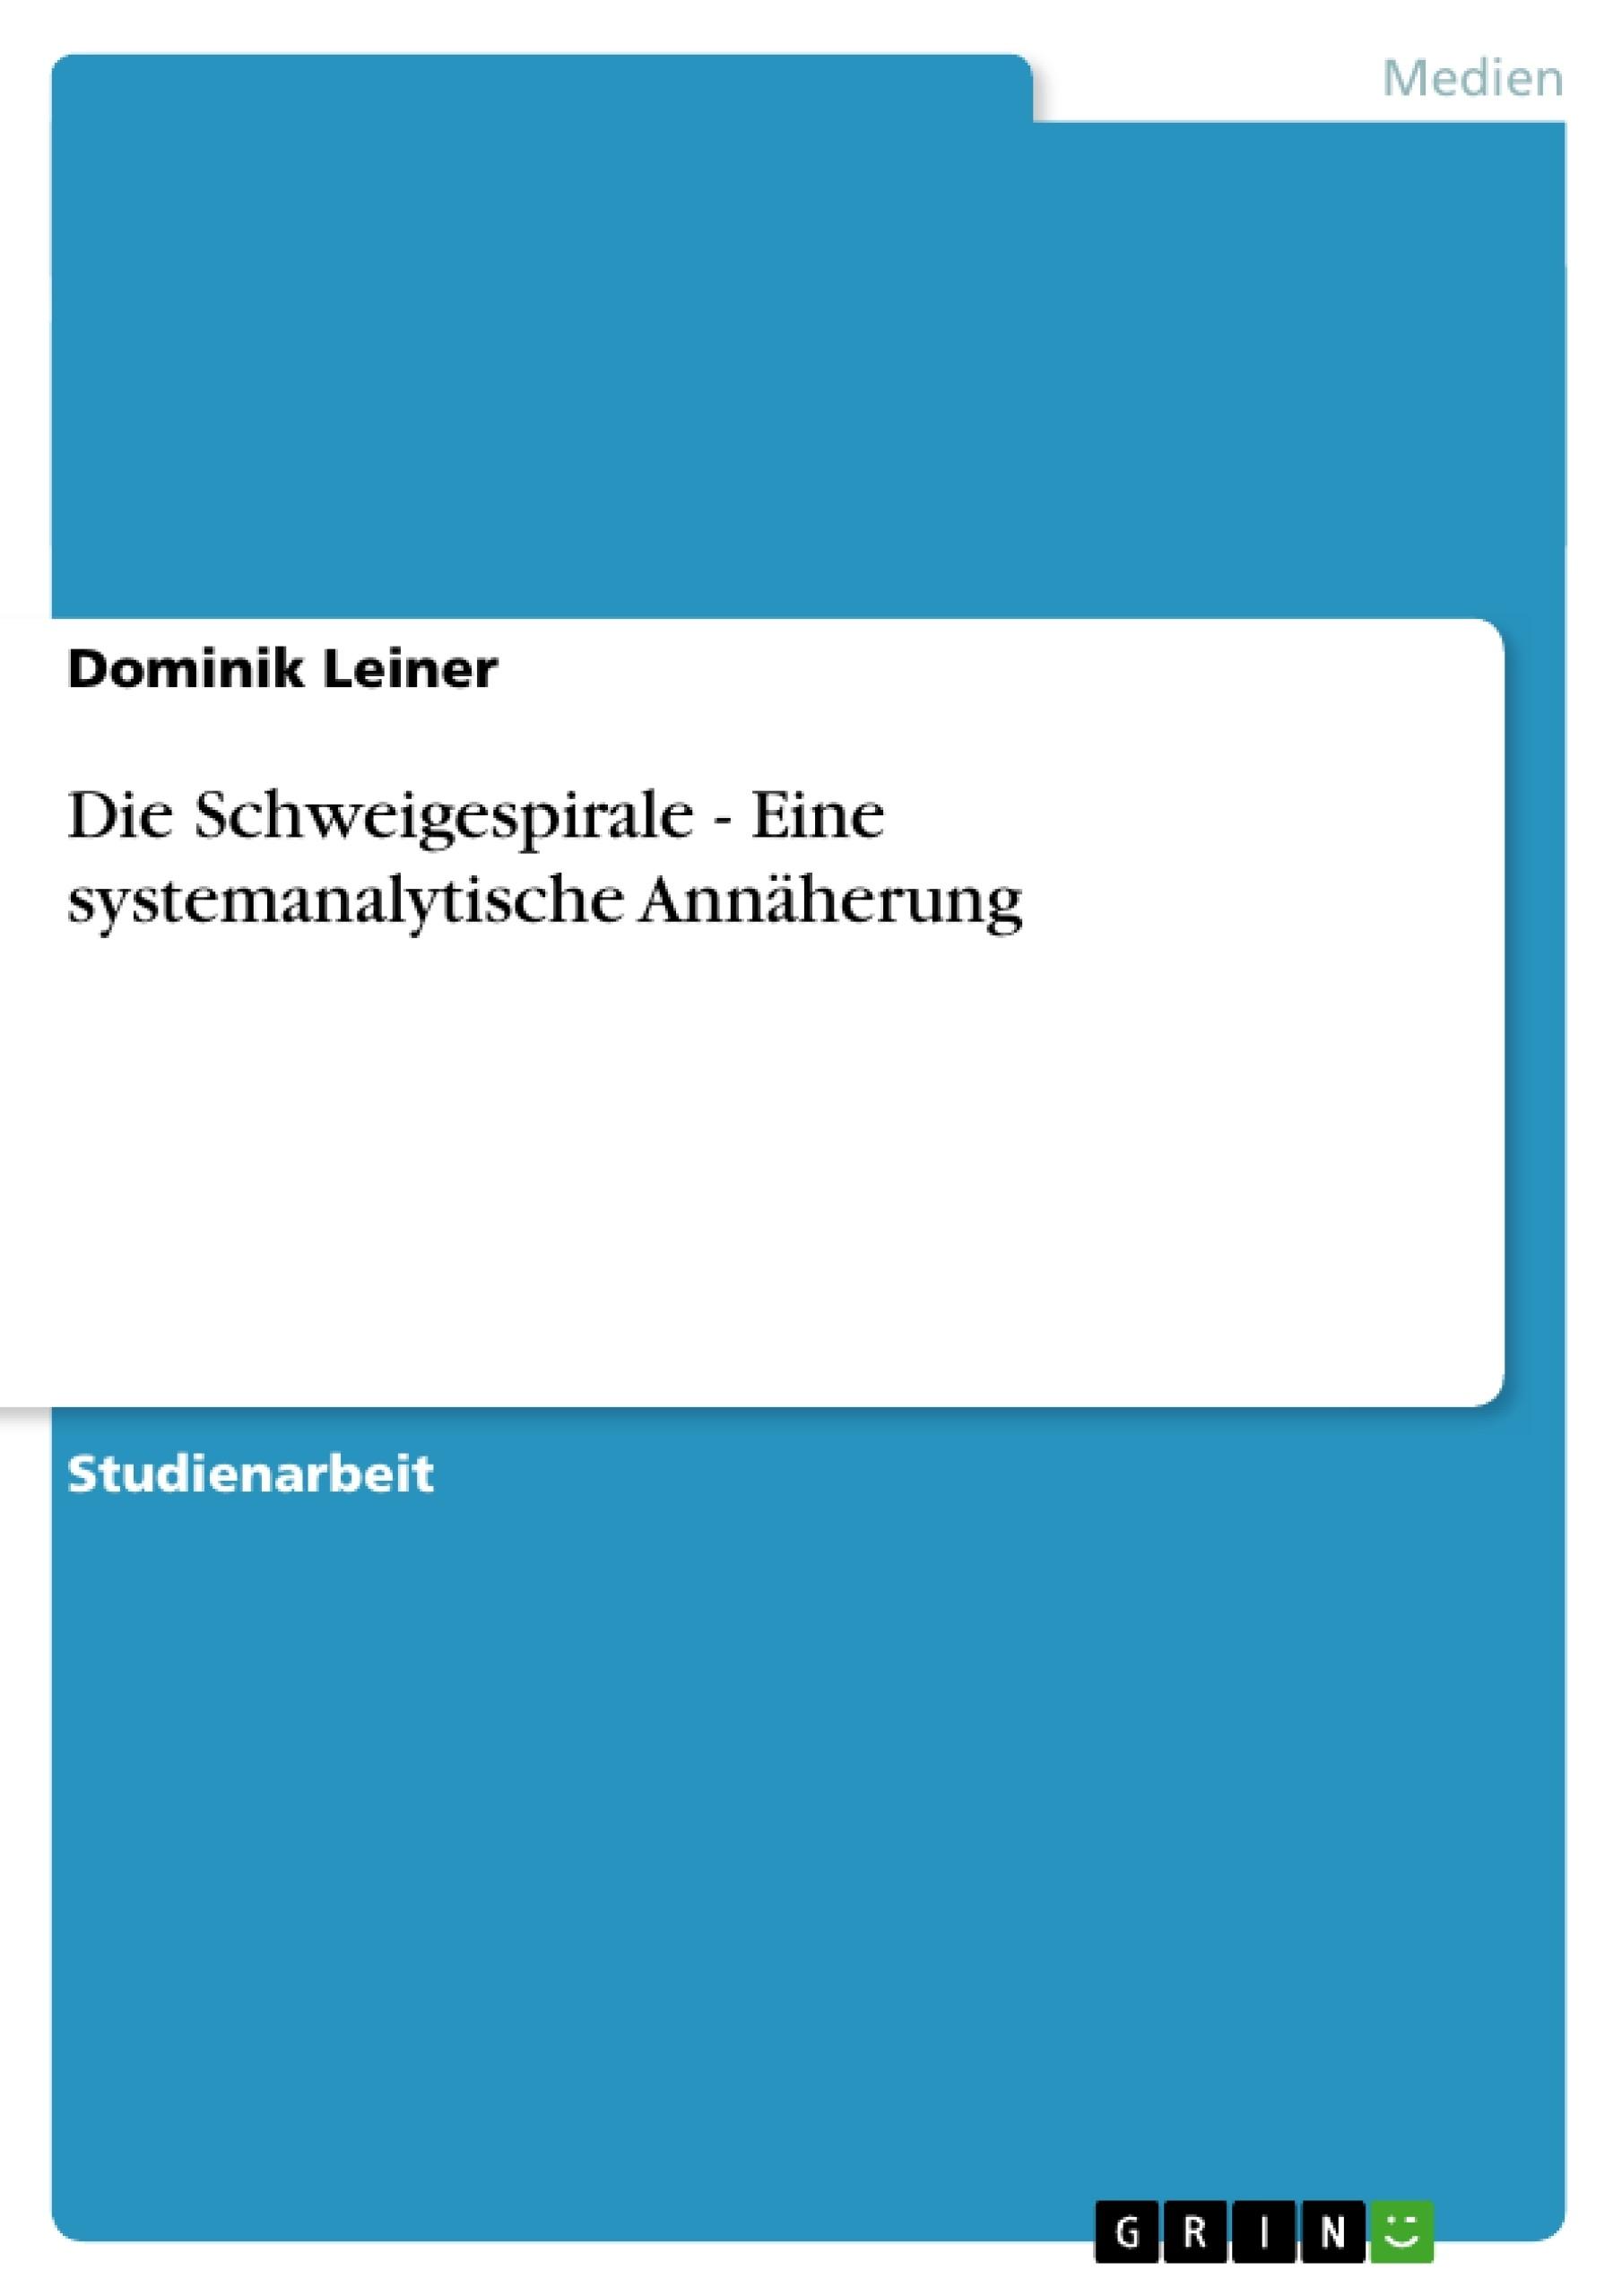 Titel: Die Schweigespirale - Eine systemanalytische Annäherung